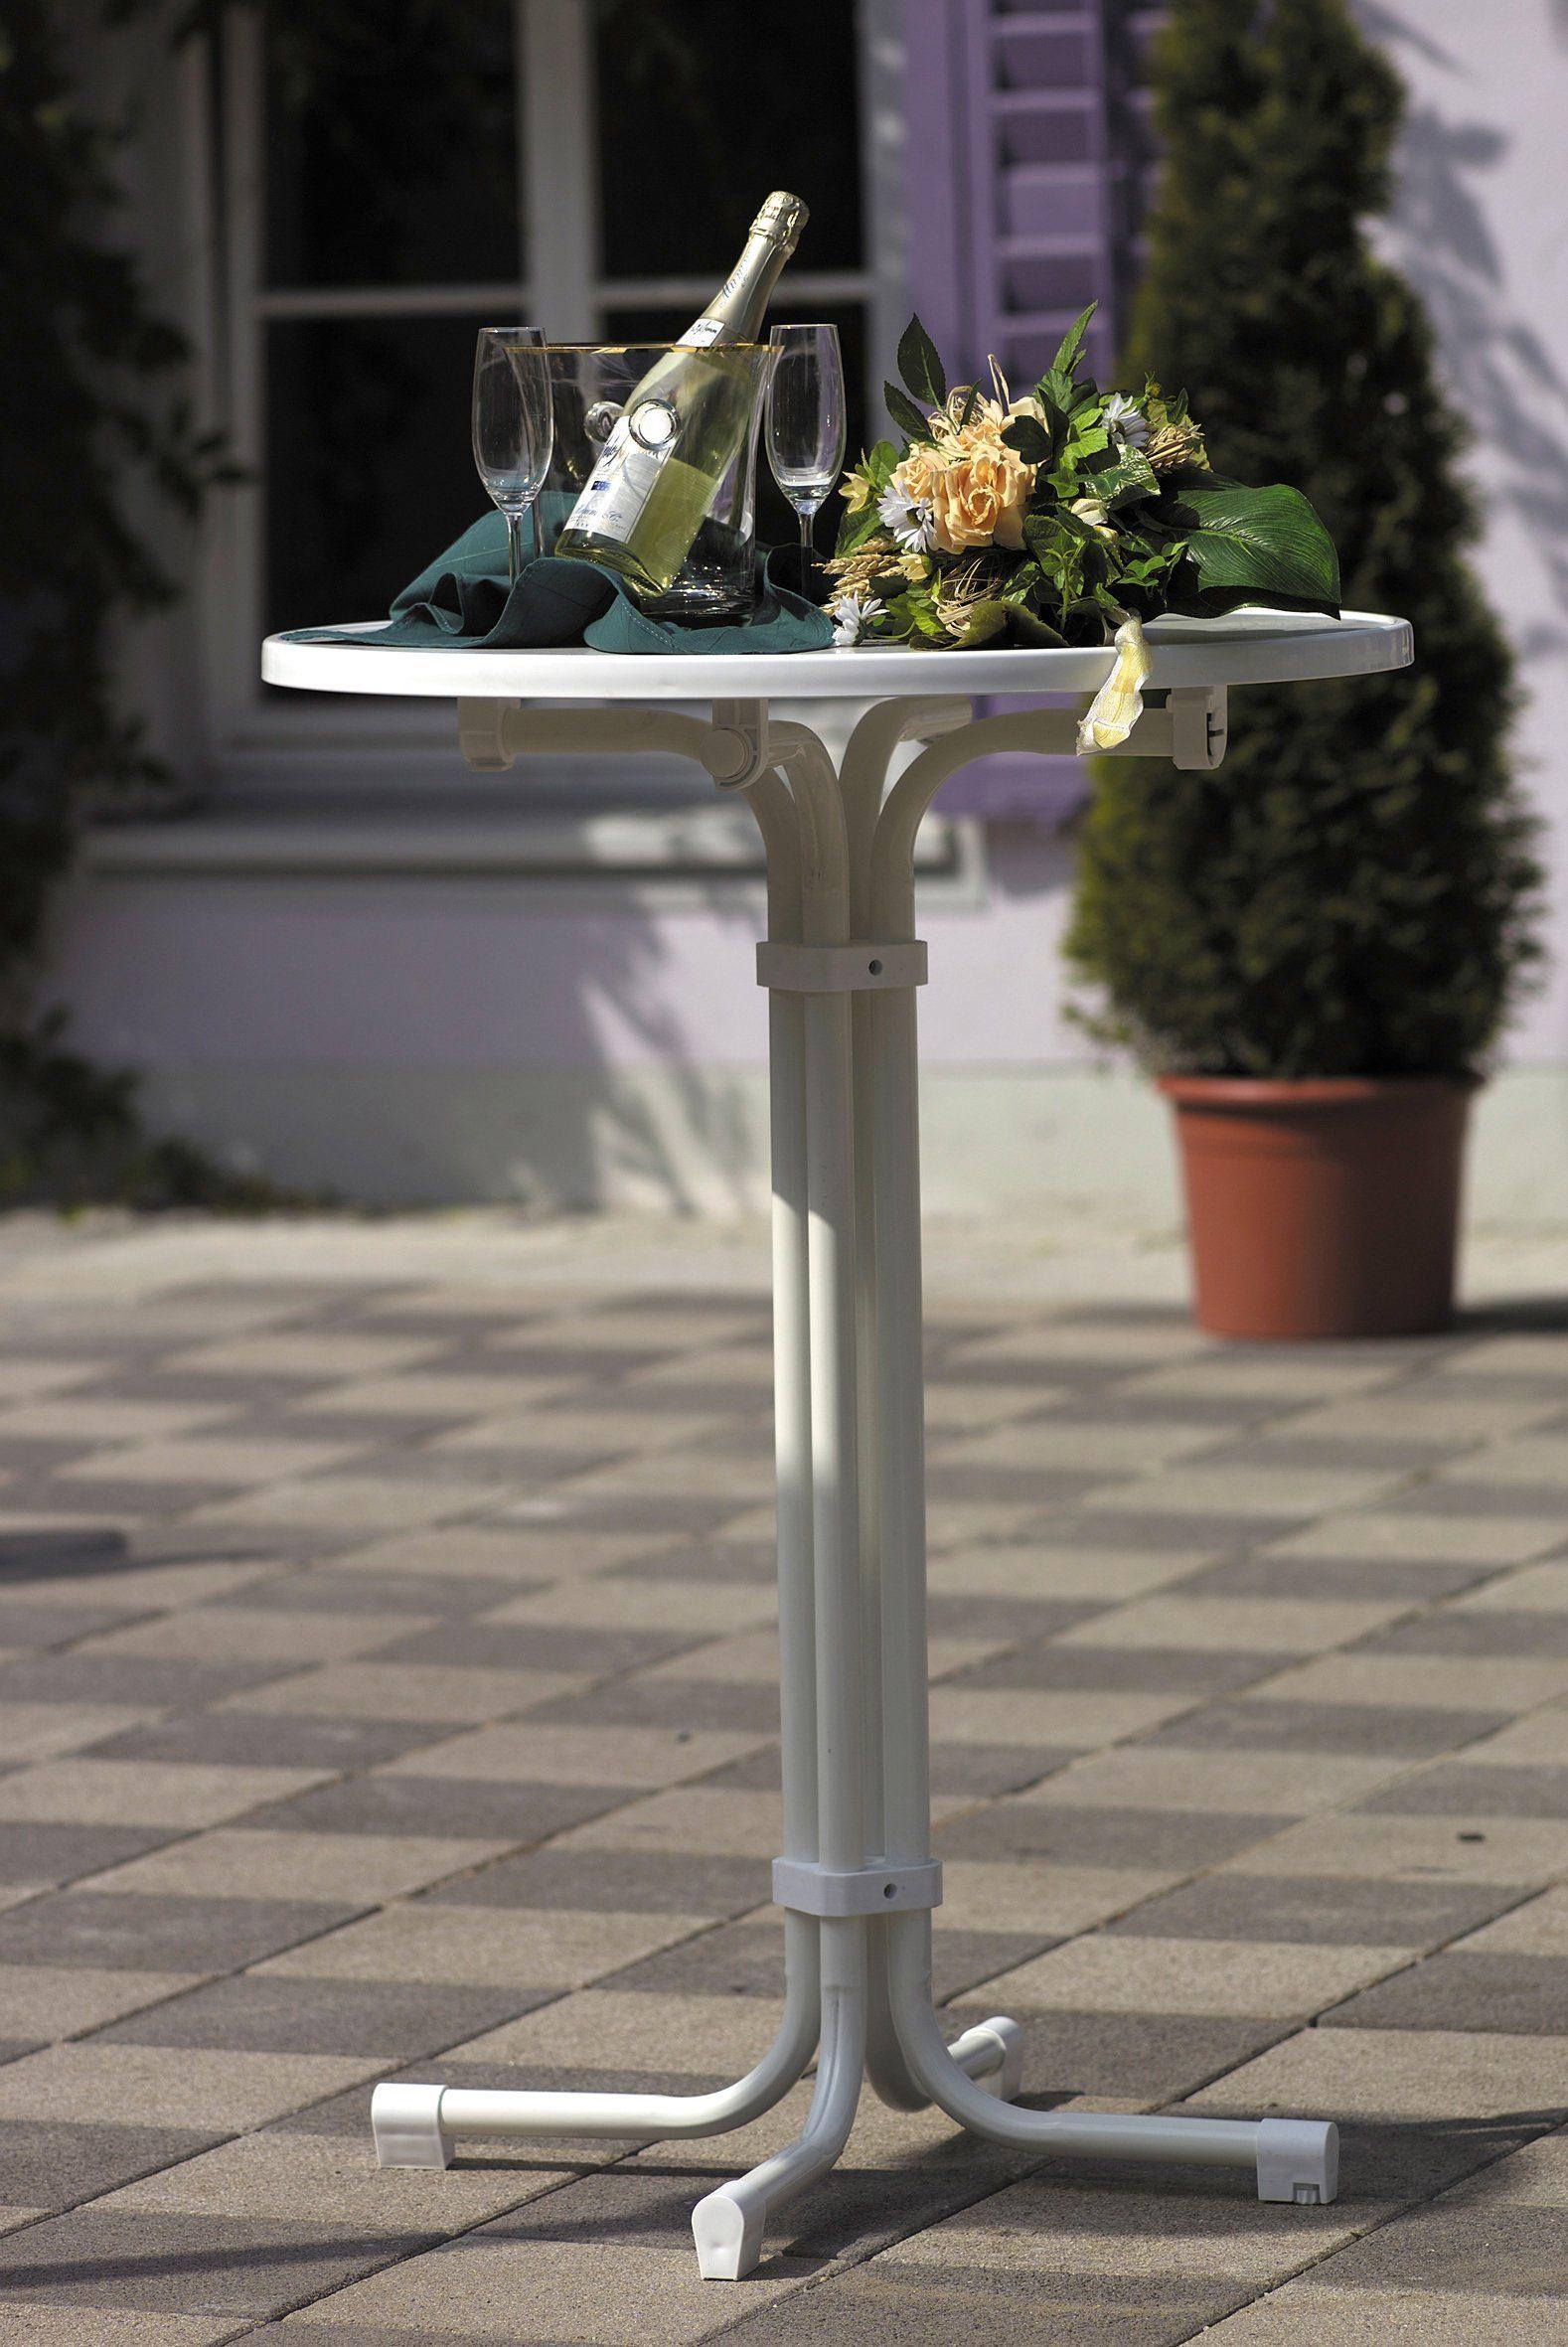 BEST Gartentisch »Multiflex«, klappbar, Stahl/Alcolit, ø 70 cm